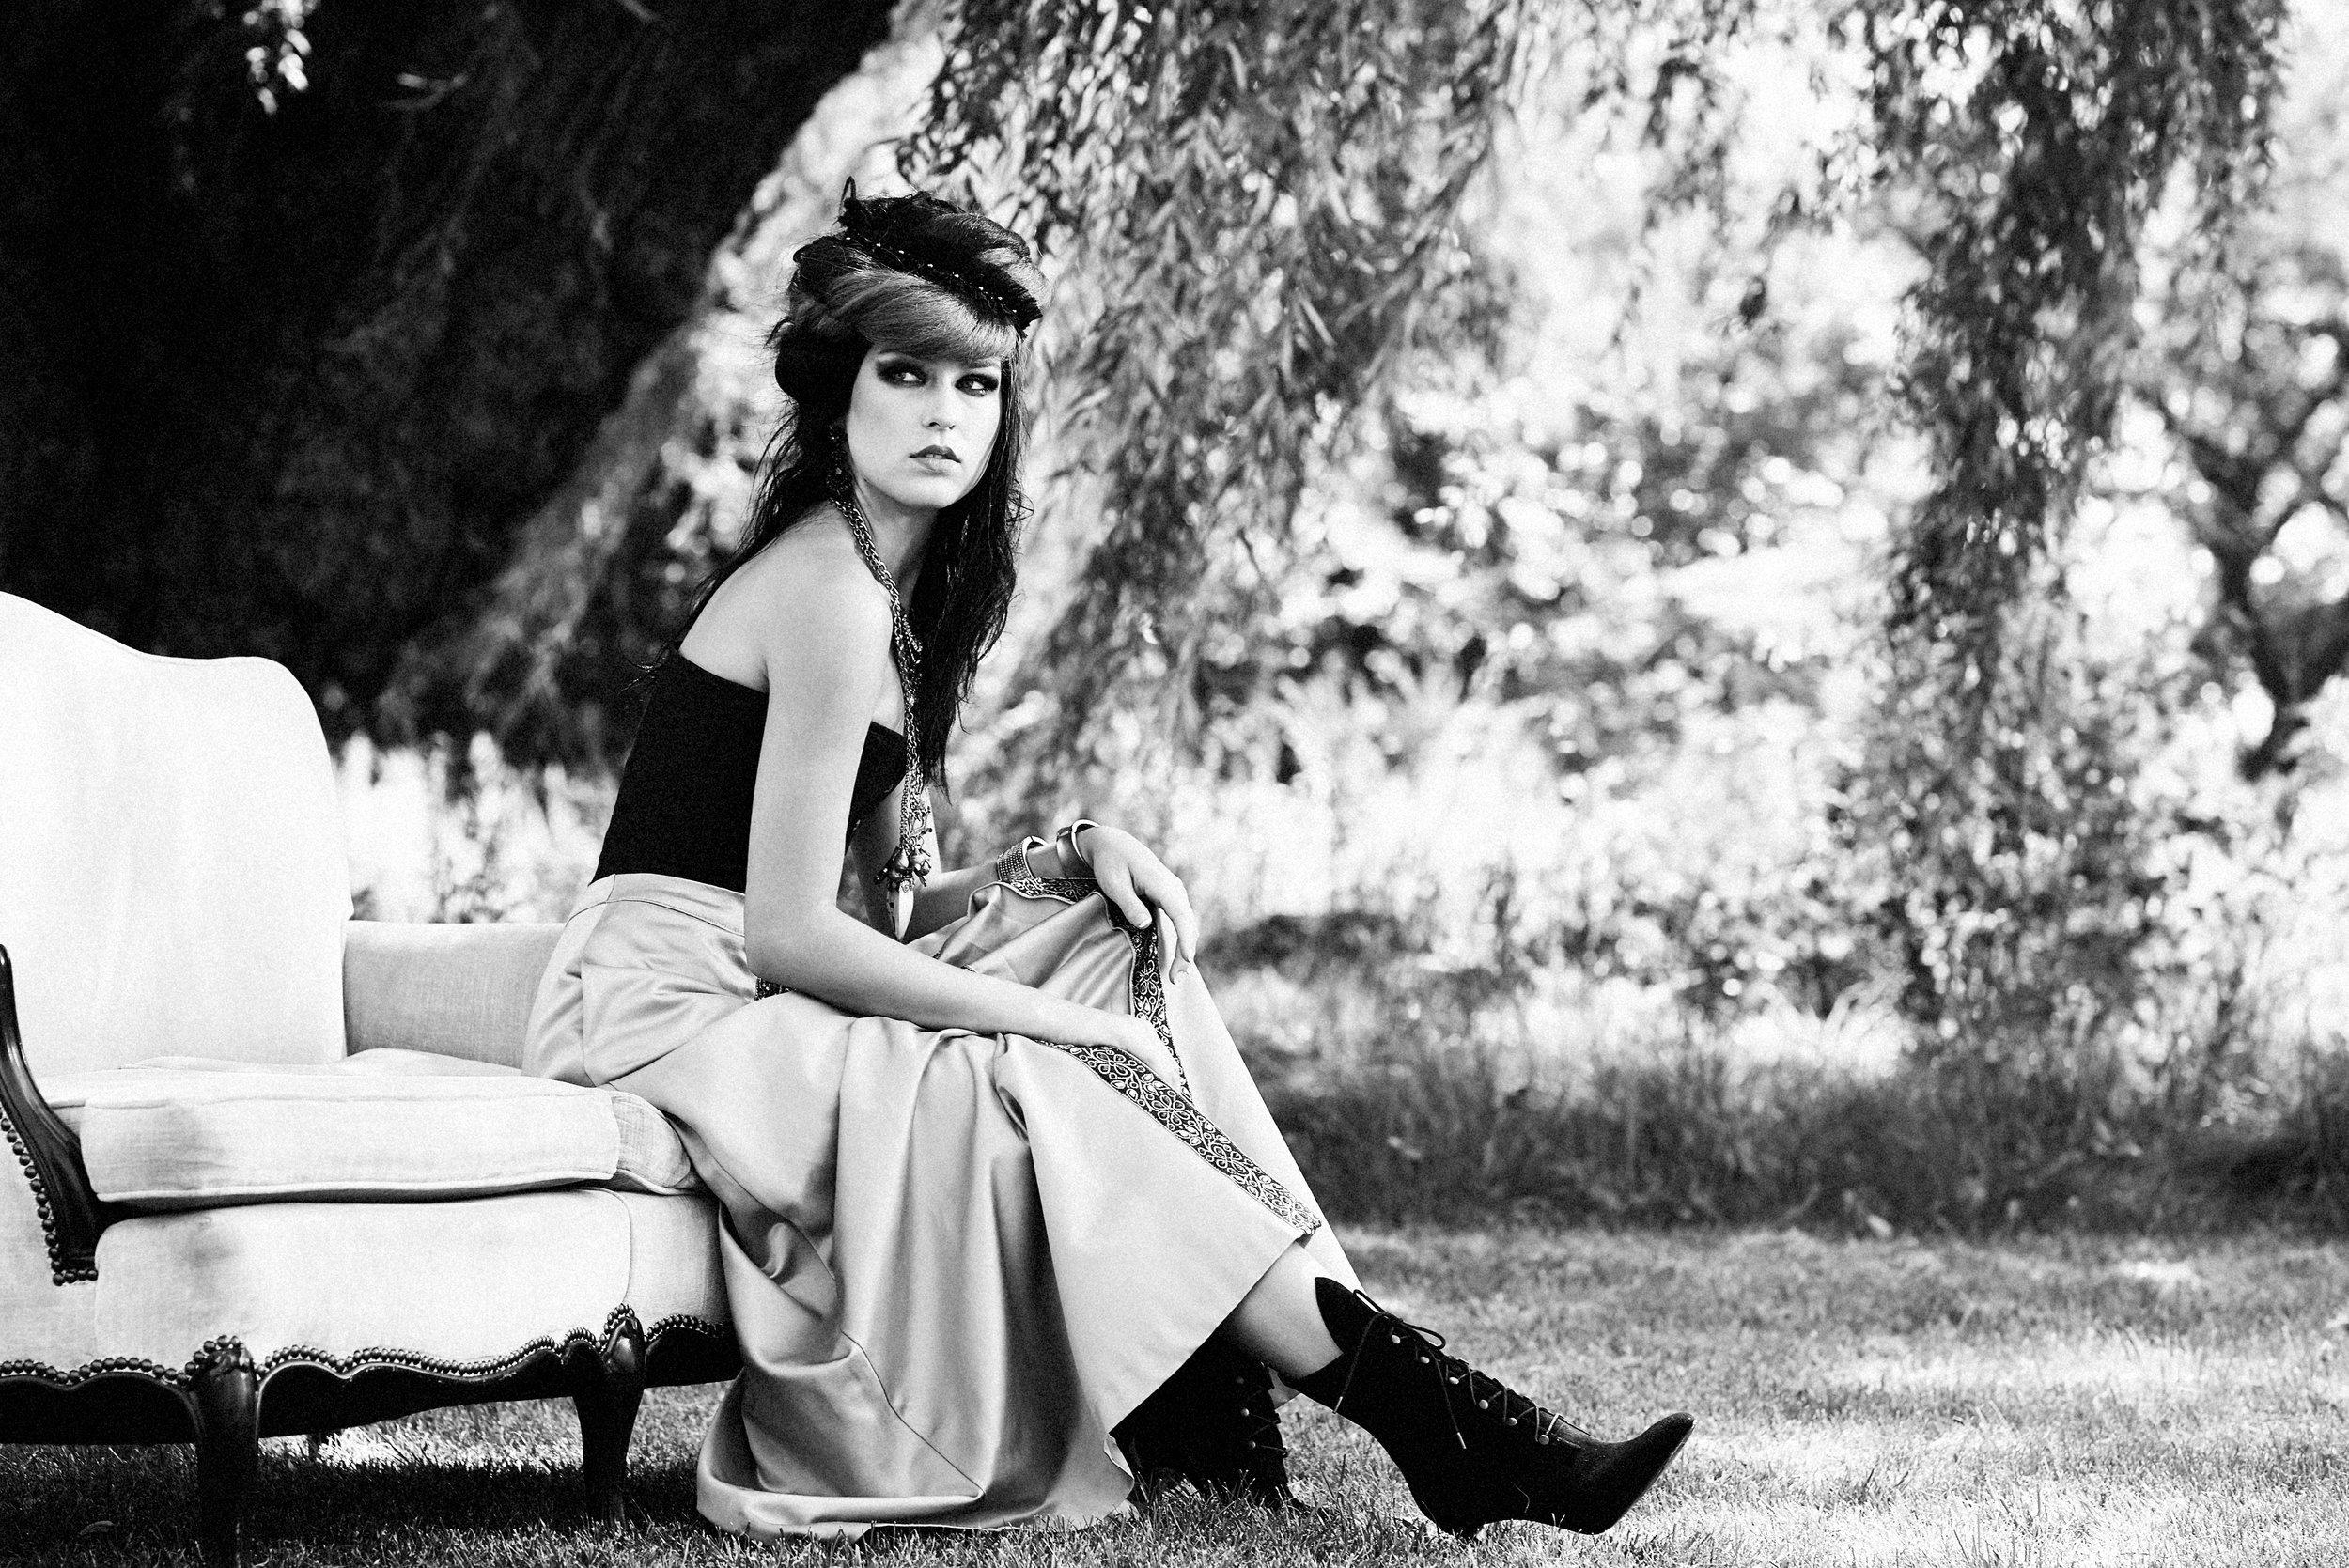 Marta-Hewson-Hamilton-Magazine-Fall-Issue-6121.jpg